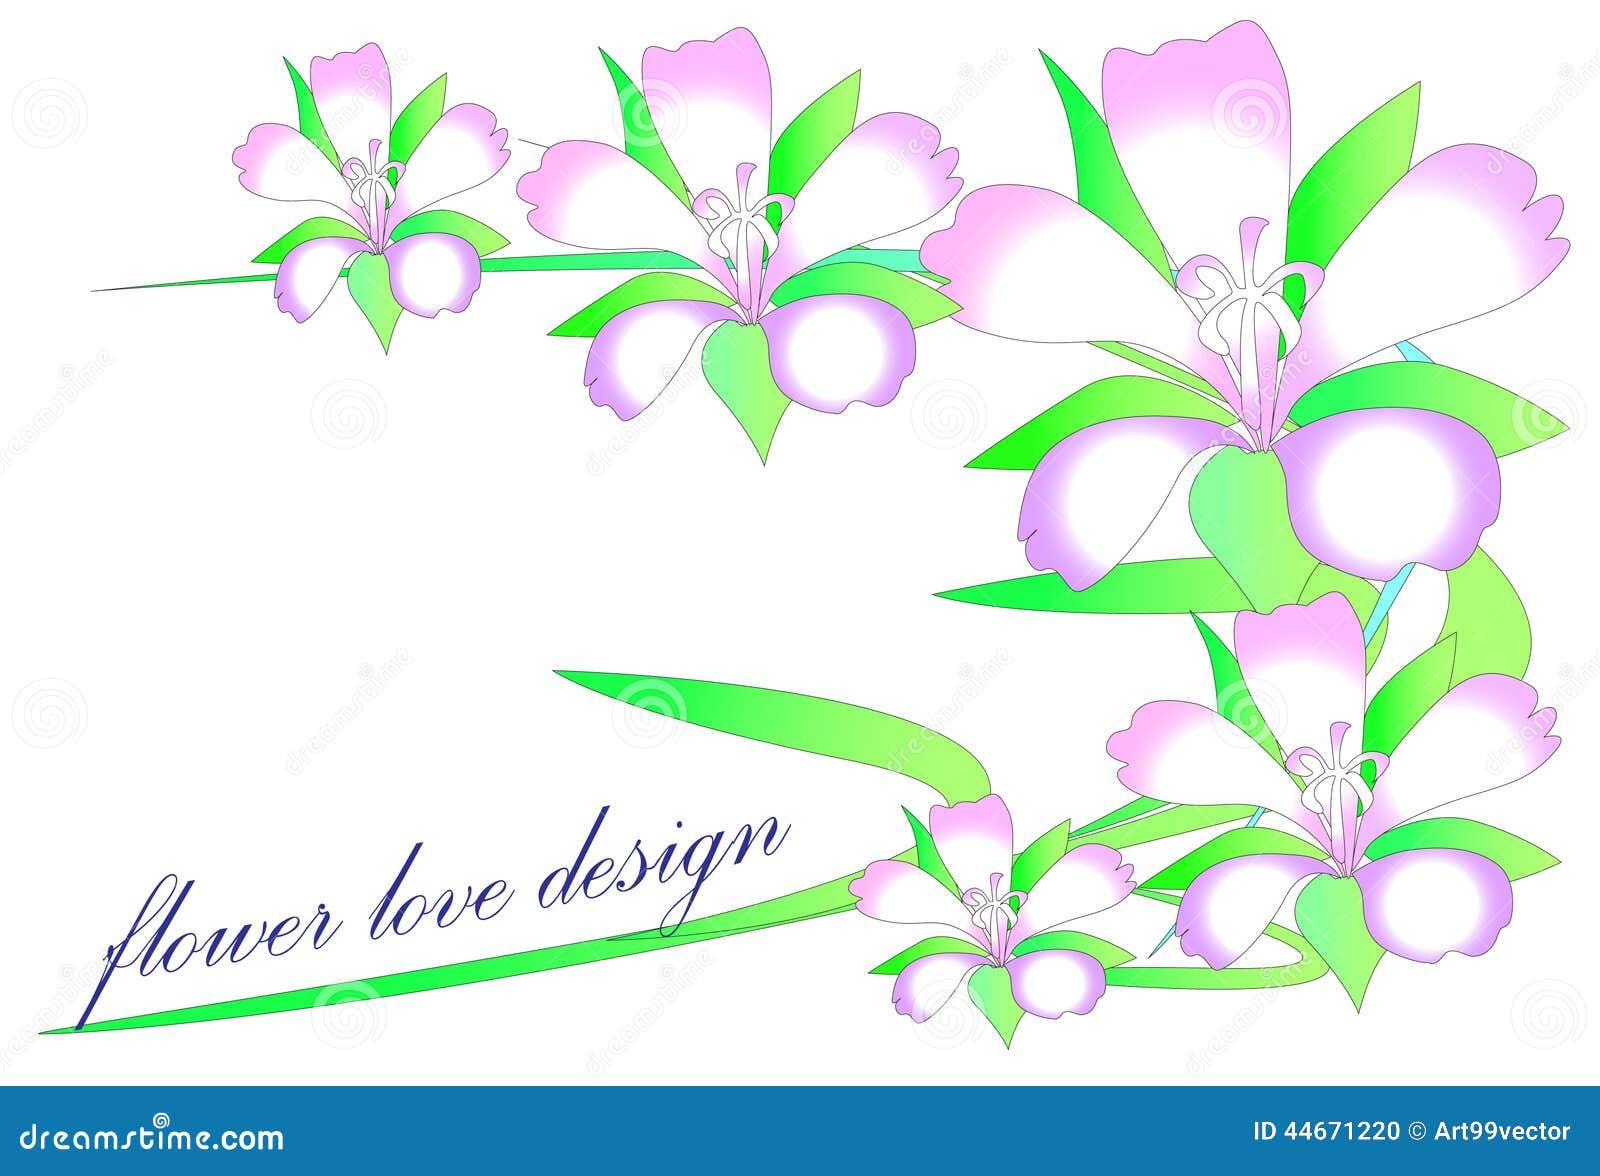 Green Flower Line Drawing : Line art flower stock illustration image